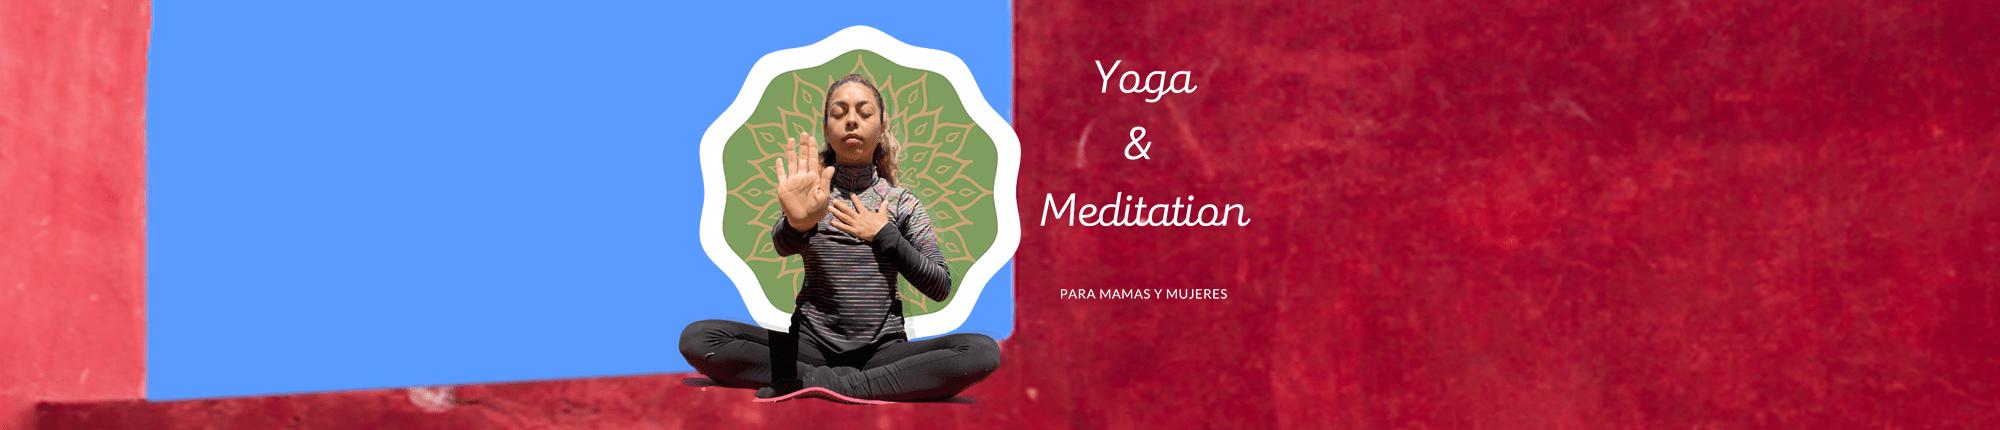 Yoga y Meditación para Mamás y mujeres